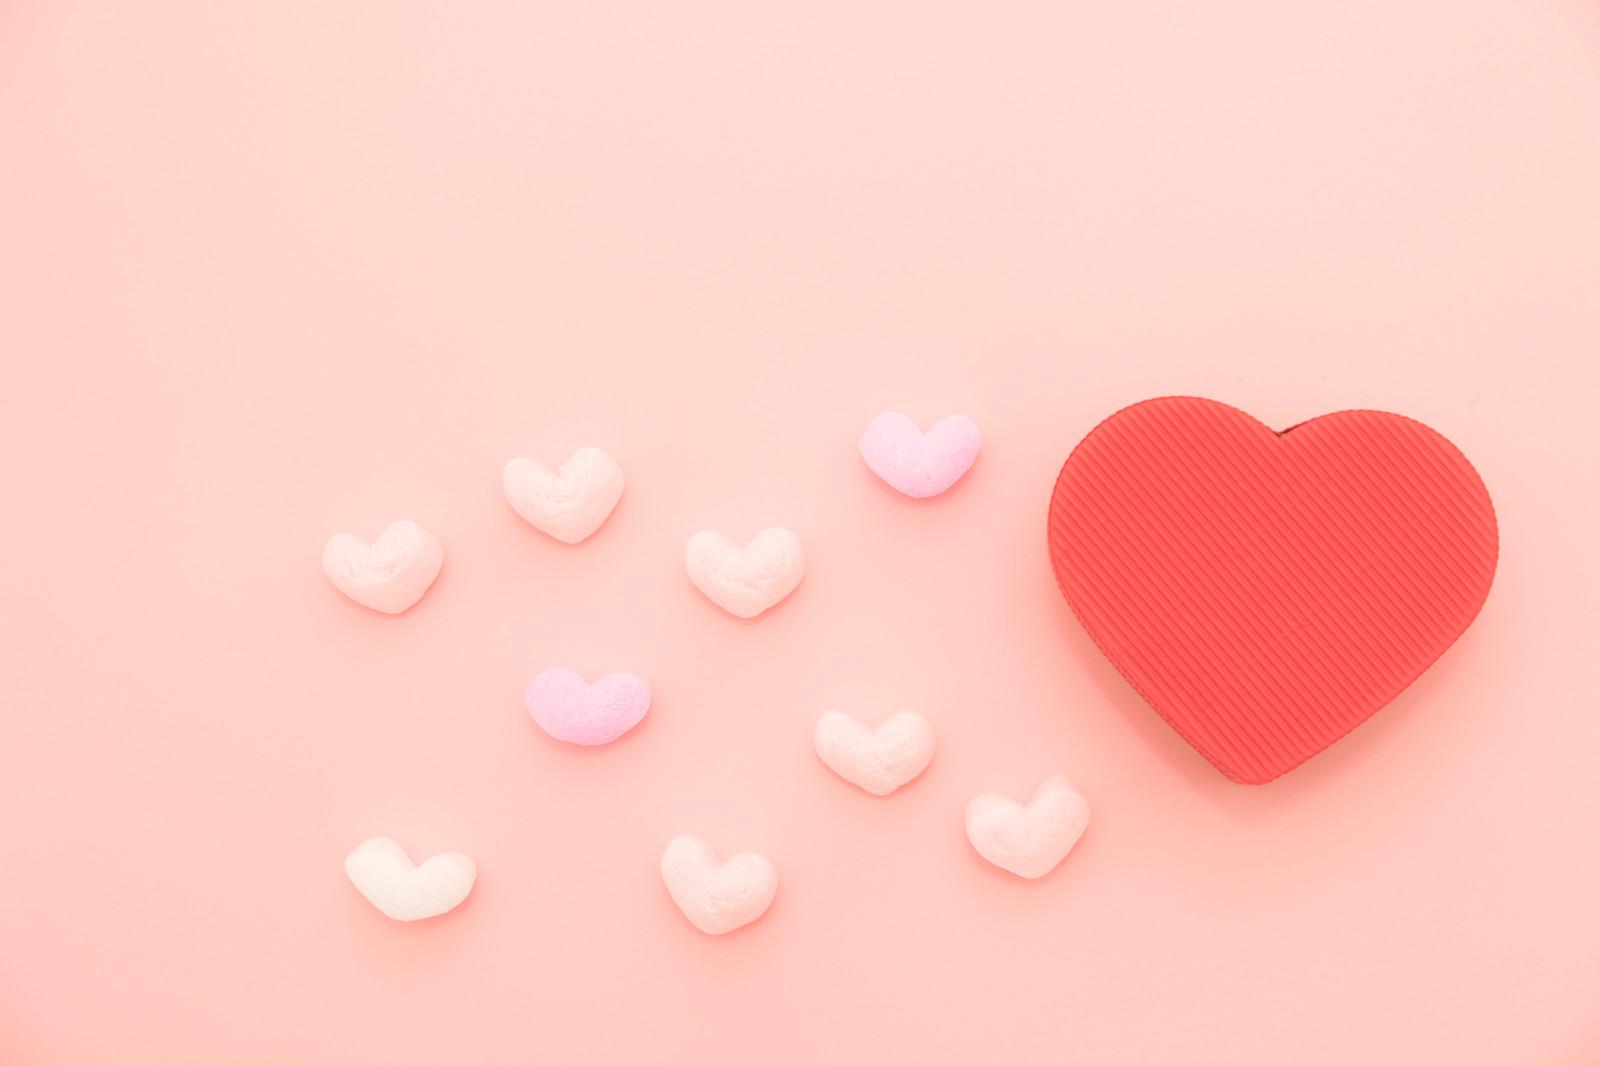 ☆一般募集☆自主開催☆7月婚活パーティー【詳細後日】